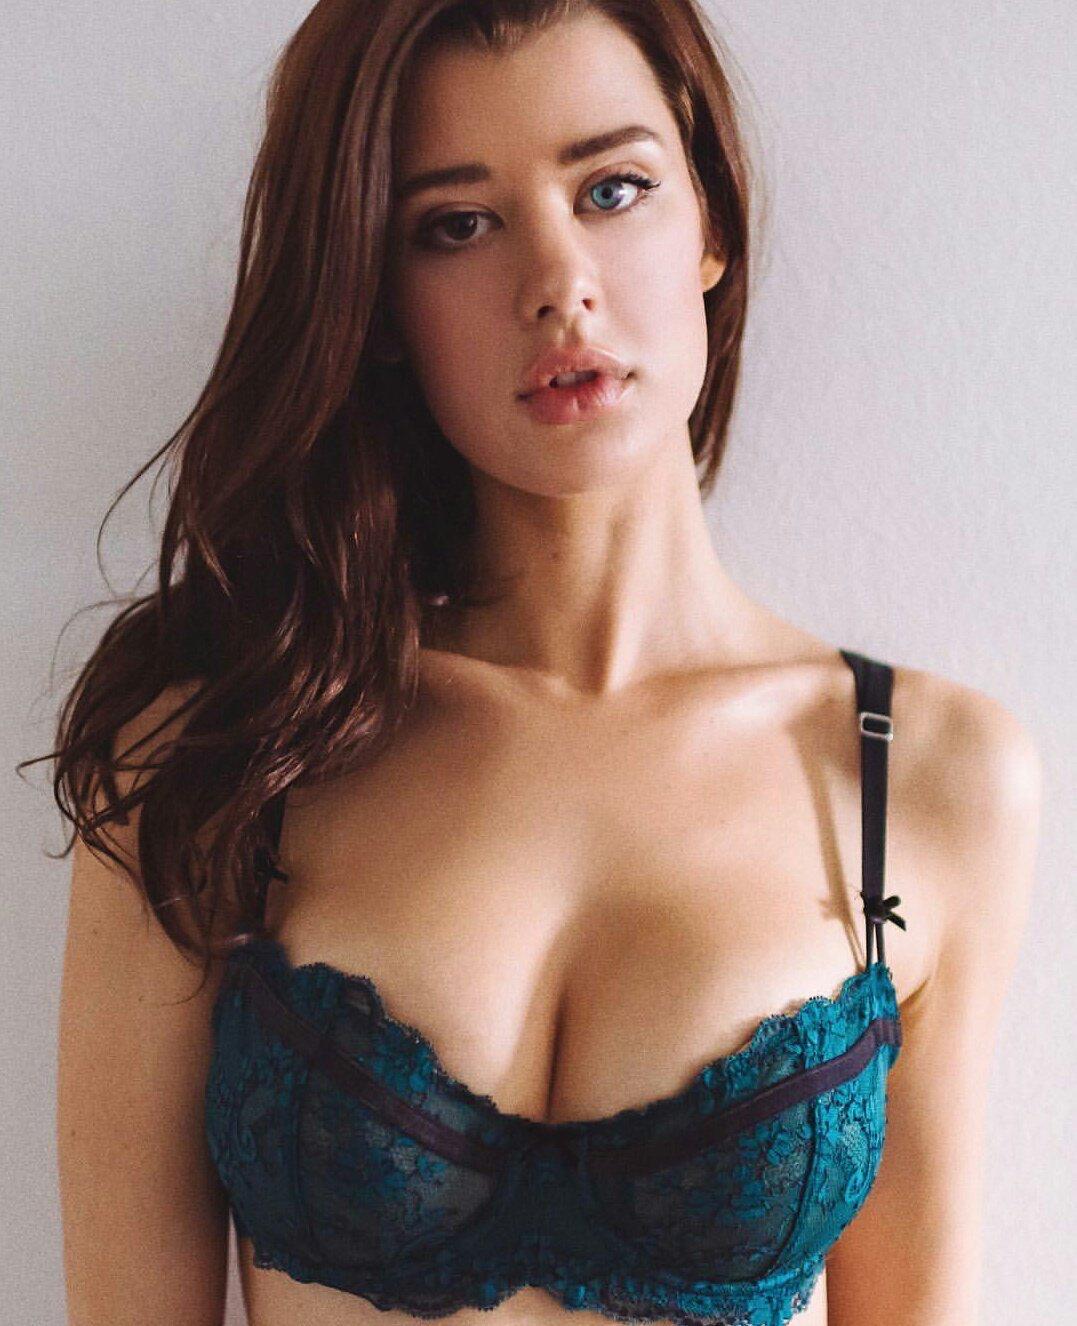 sarah mcdaniel boobs